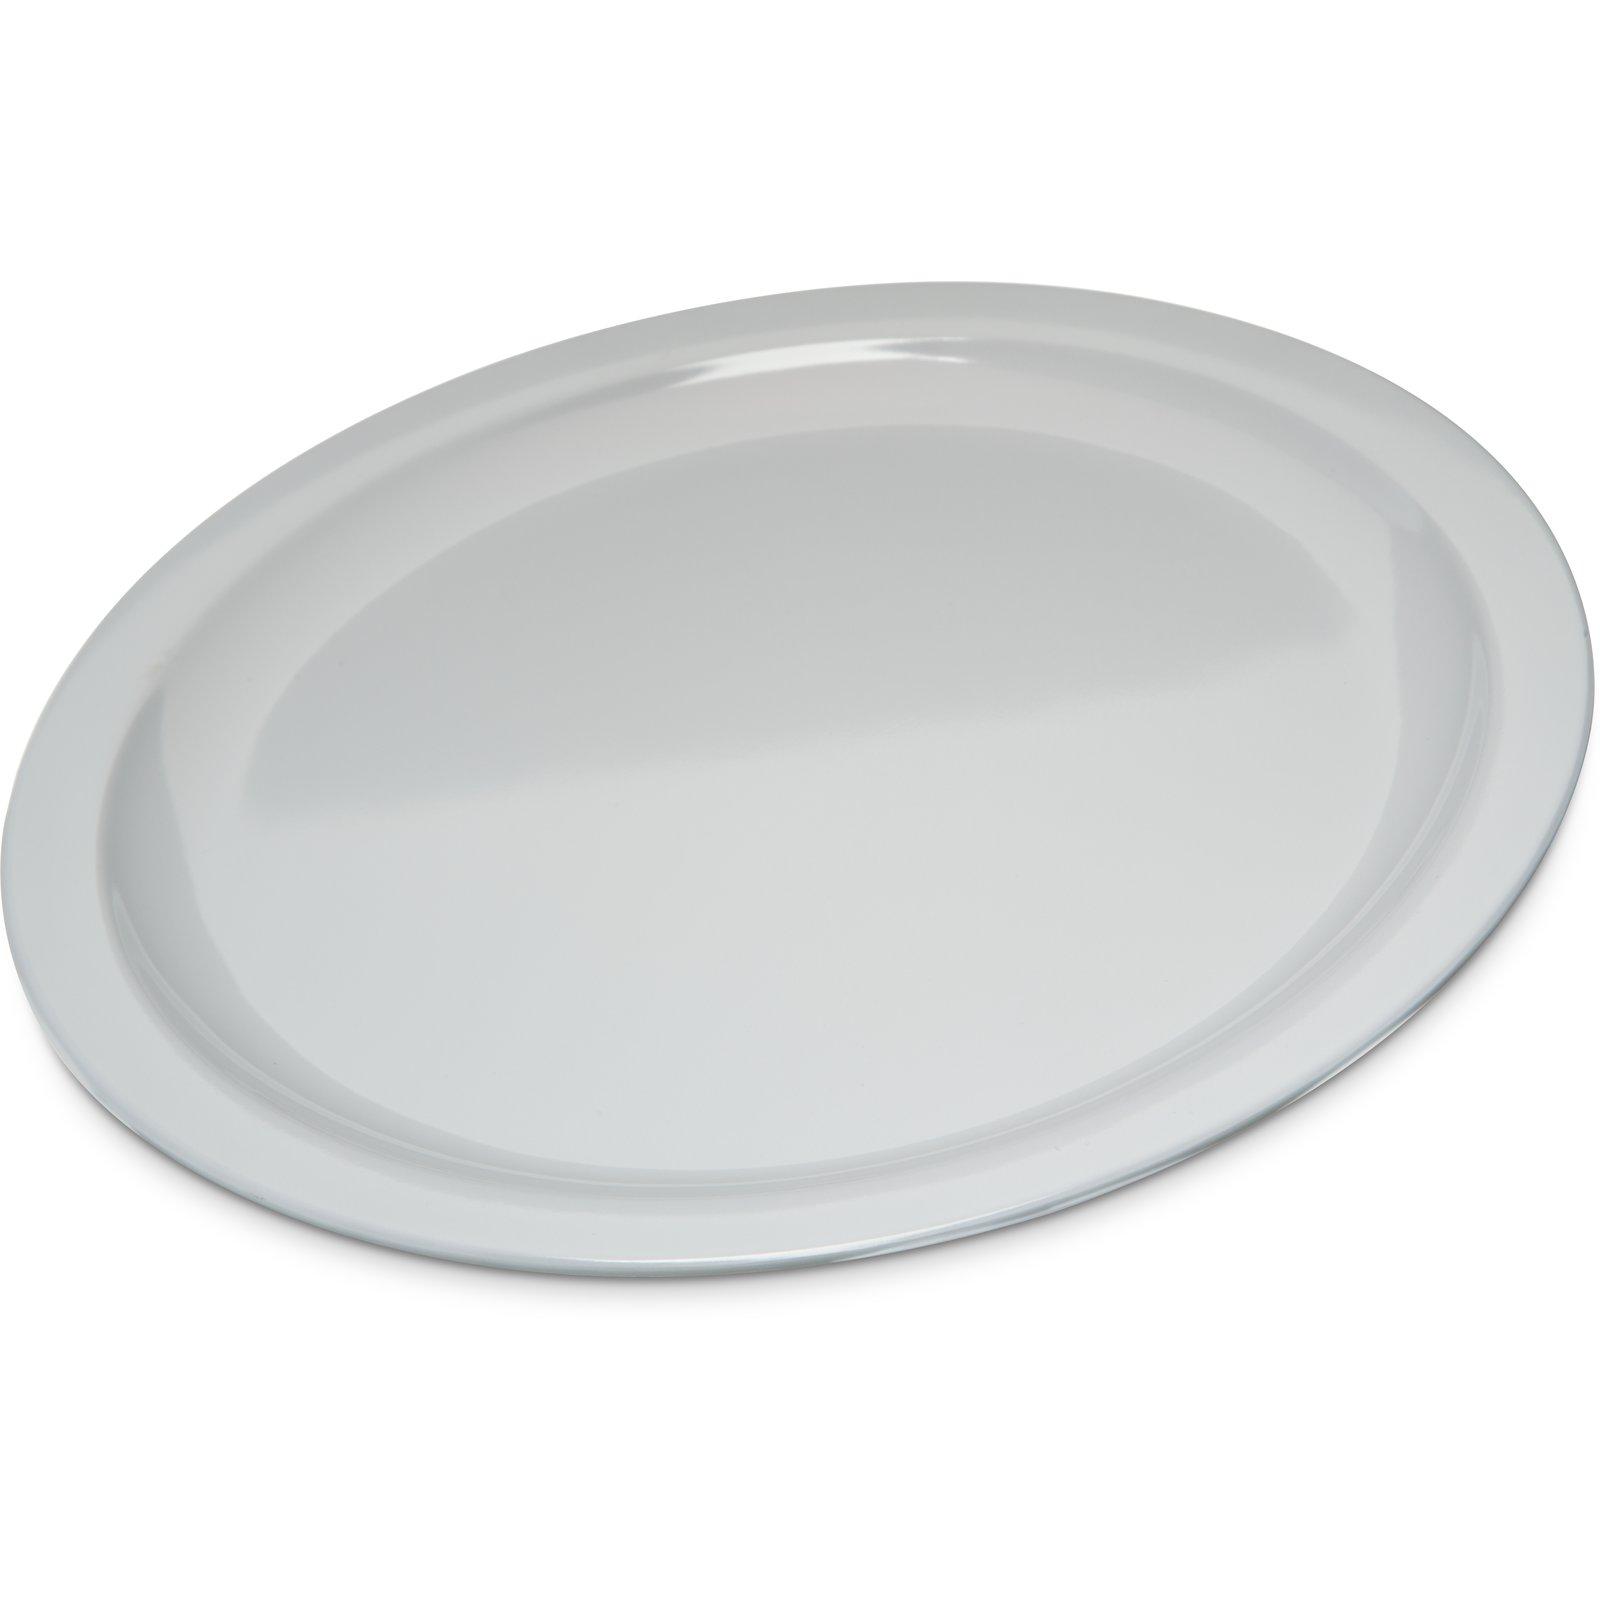 KL11602 - Kingline™ Melamine Dinner Plate 10\  - White  sc 1 st  Carlisle FoodService Products & KL11602 - Kingline™ Melamine Dinner Plate 10\